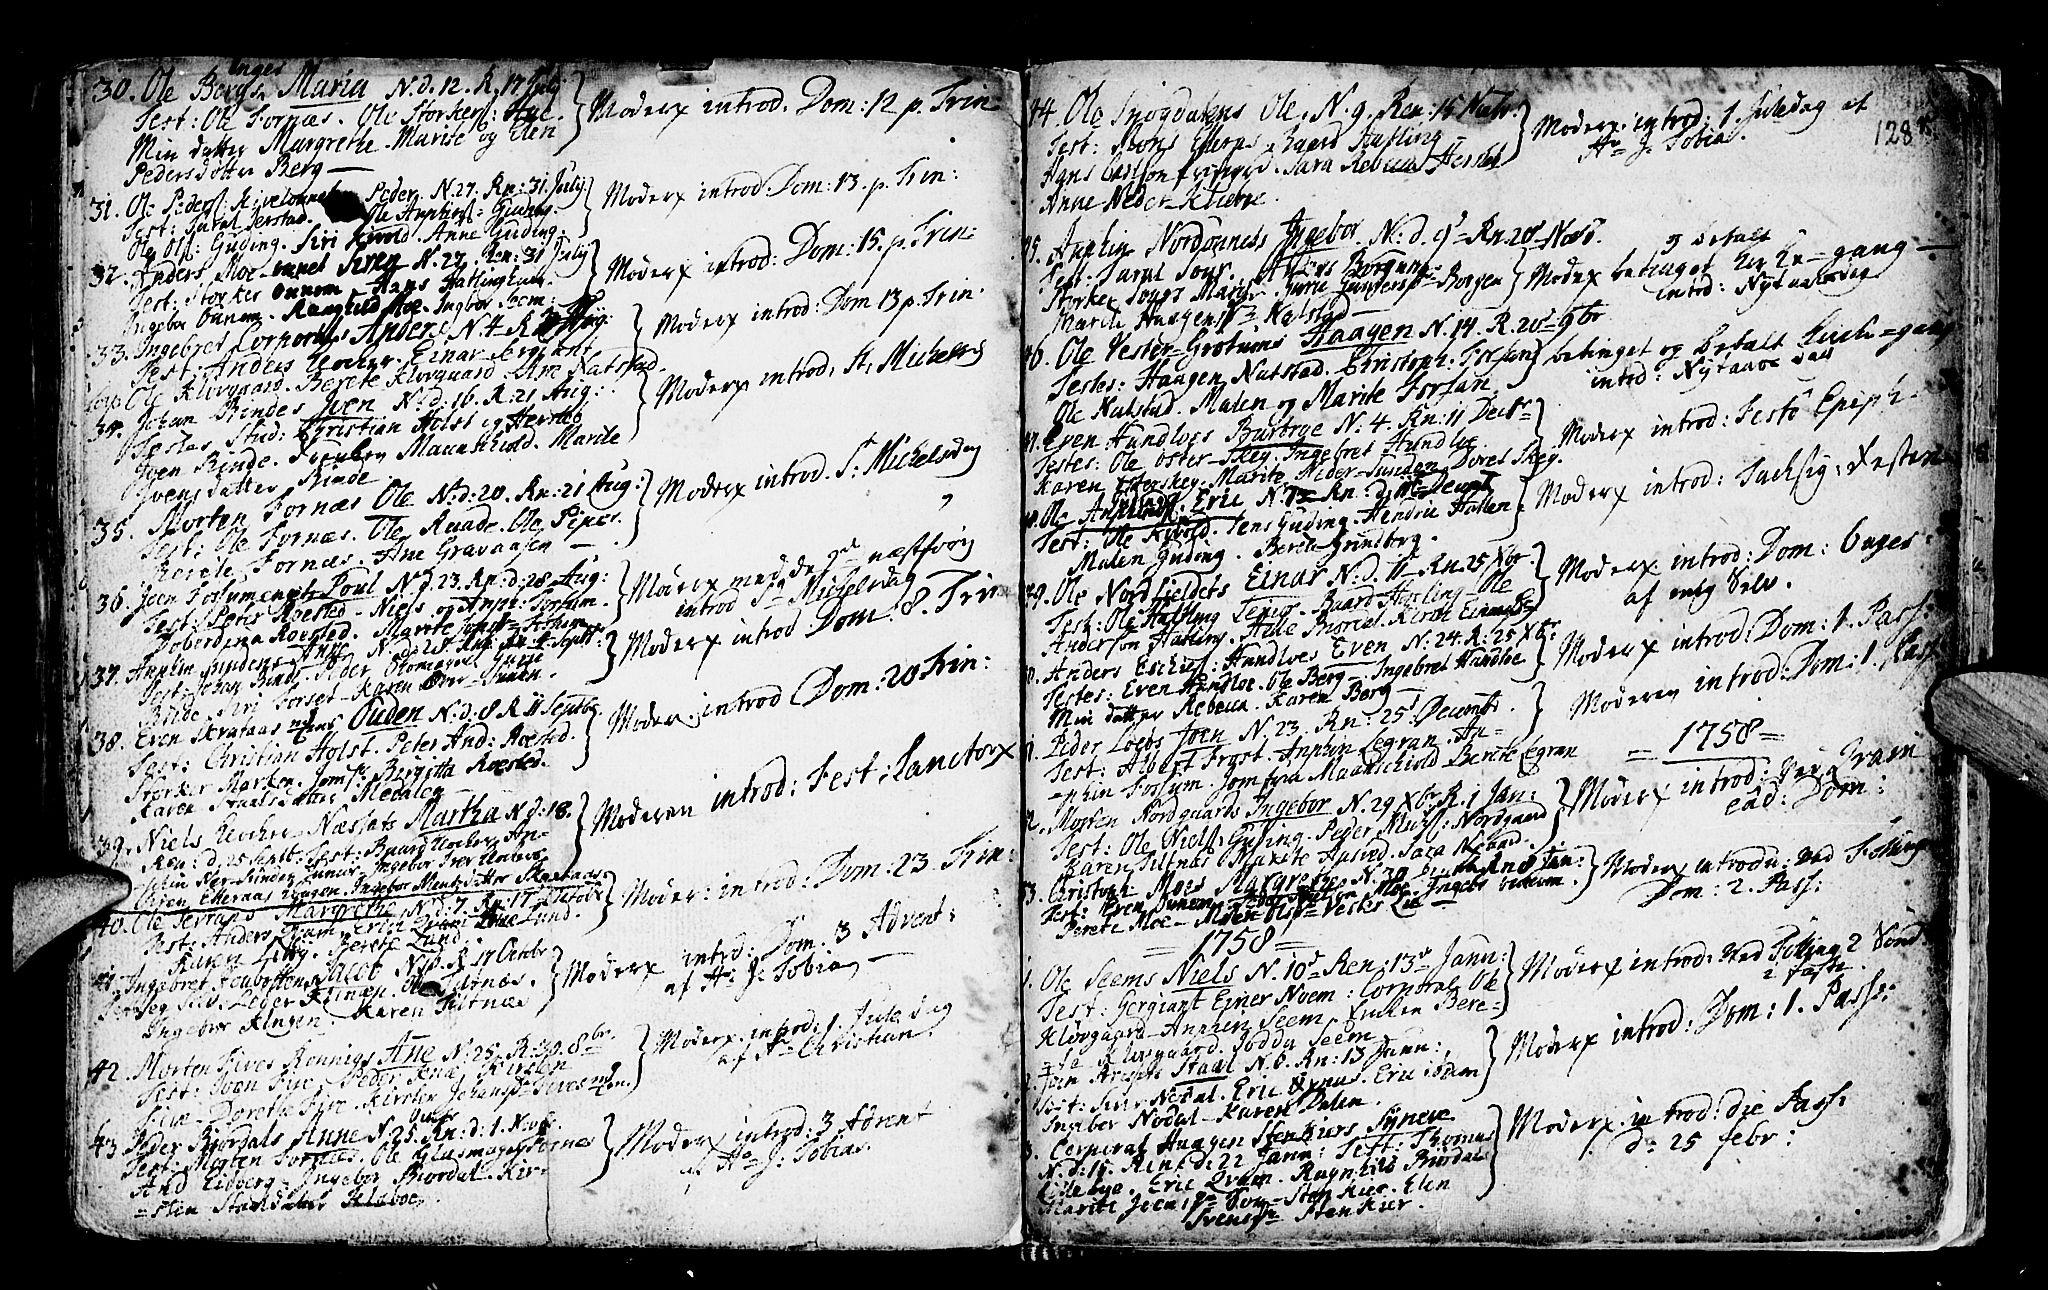 SAT, Ministerialprotokoller, klokkerbøker og fødselsregistre - Nord-Trøndelag, 746/L0439: Ministerialbok nr. 746A01, 1688-1759, s. 128q